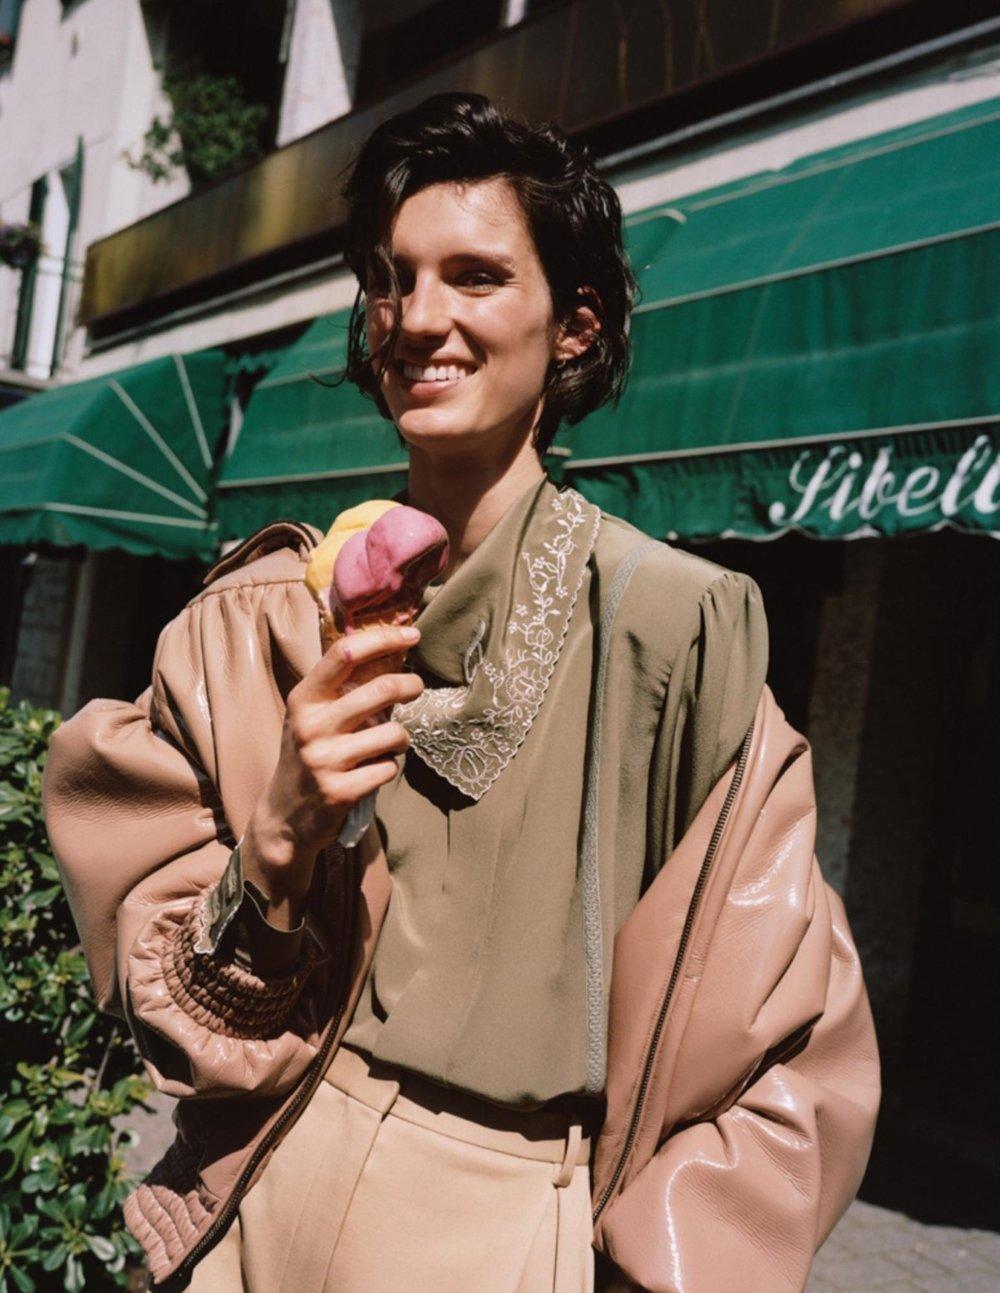 Marte+Mei+van+Haaster+by+Angelo+Pennetta+for+WSJ+Magazine+(6)